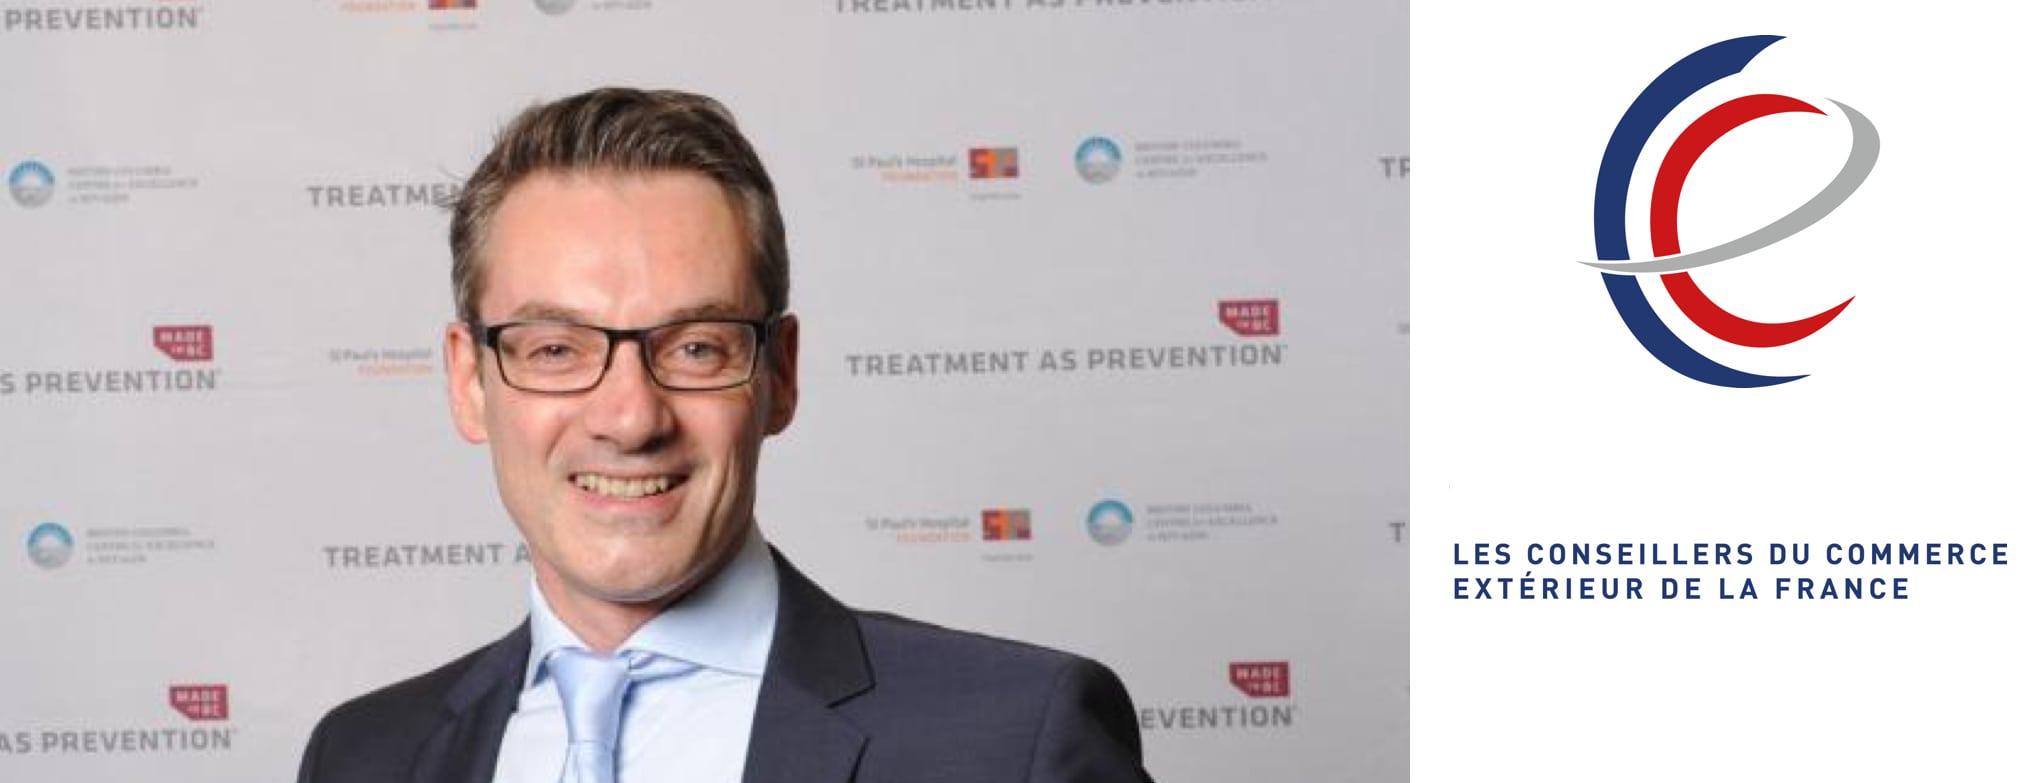 M. Franck Point devient Conseiller du Commerce Extérieur